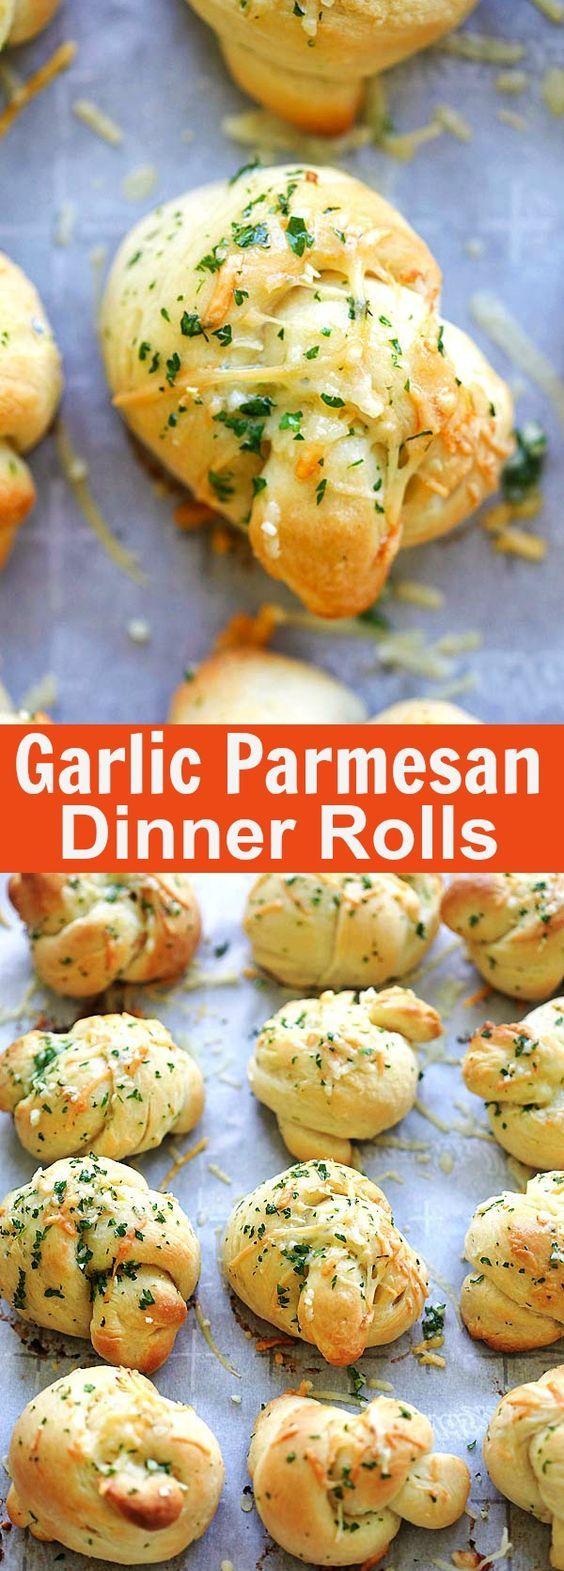 Garlic Parmesan Dinner Rolls Recipe